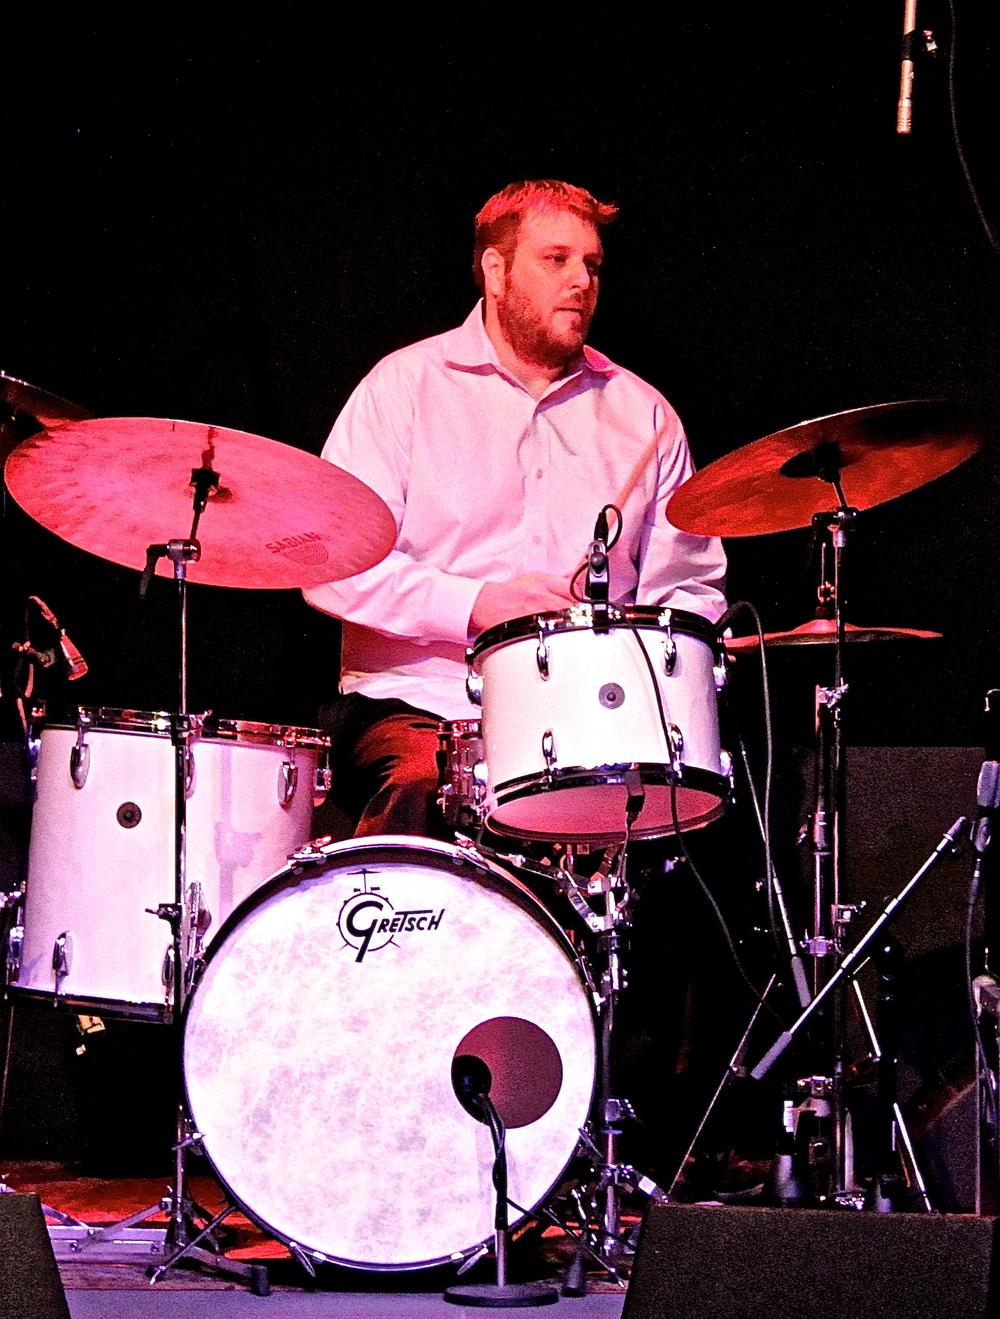 Drummer Tim Metz